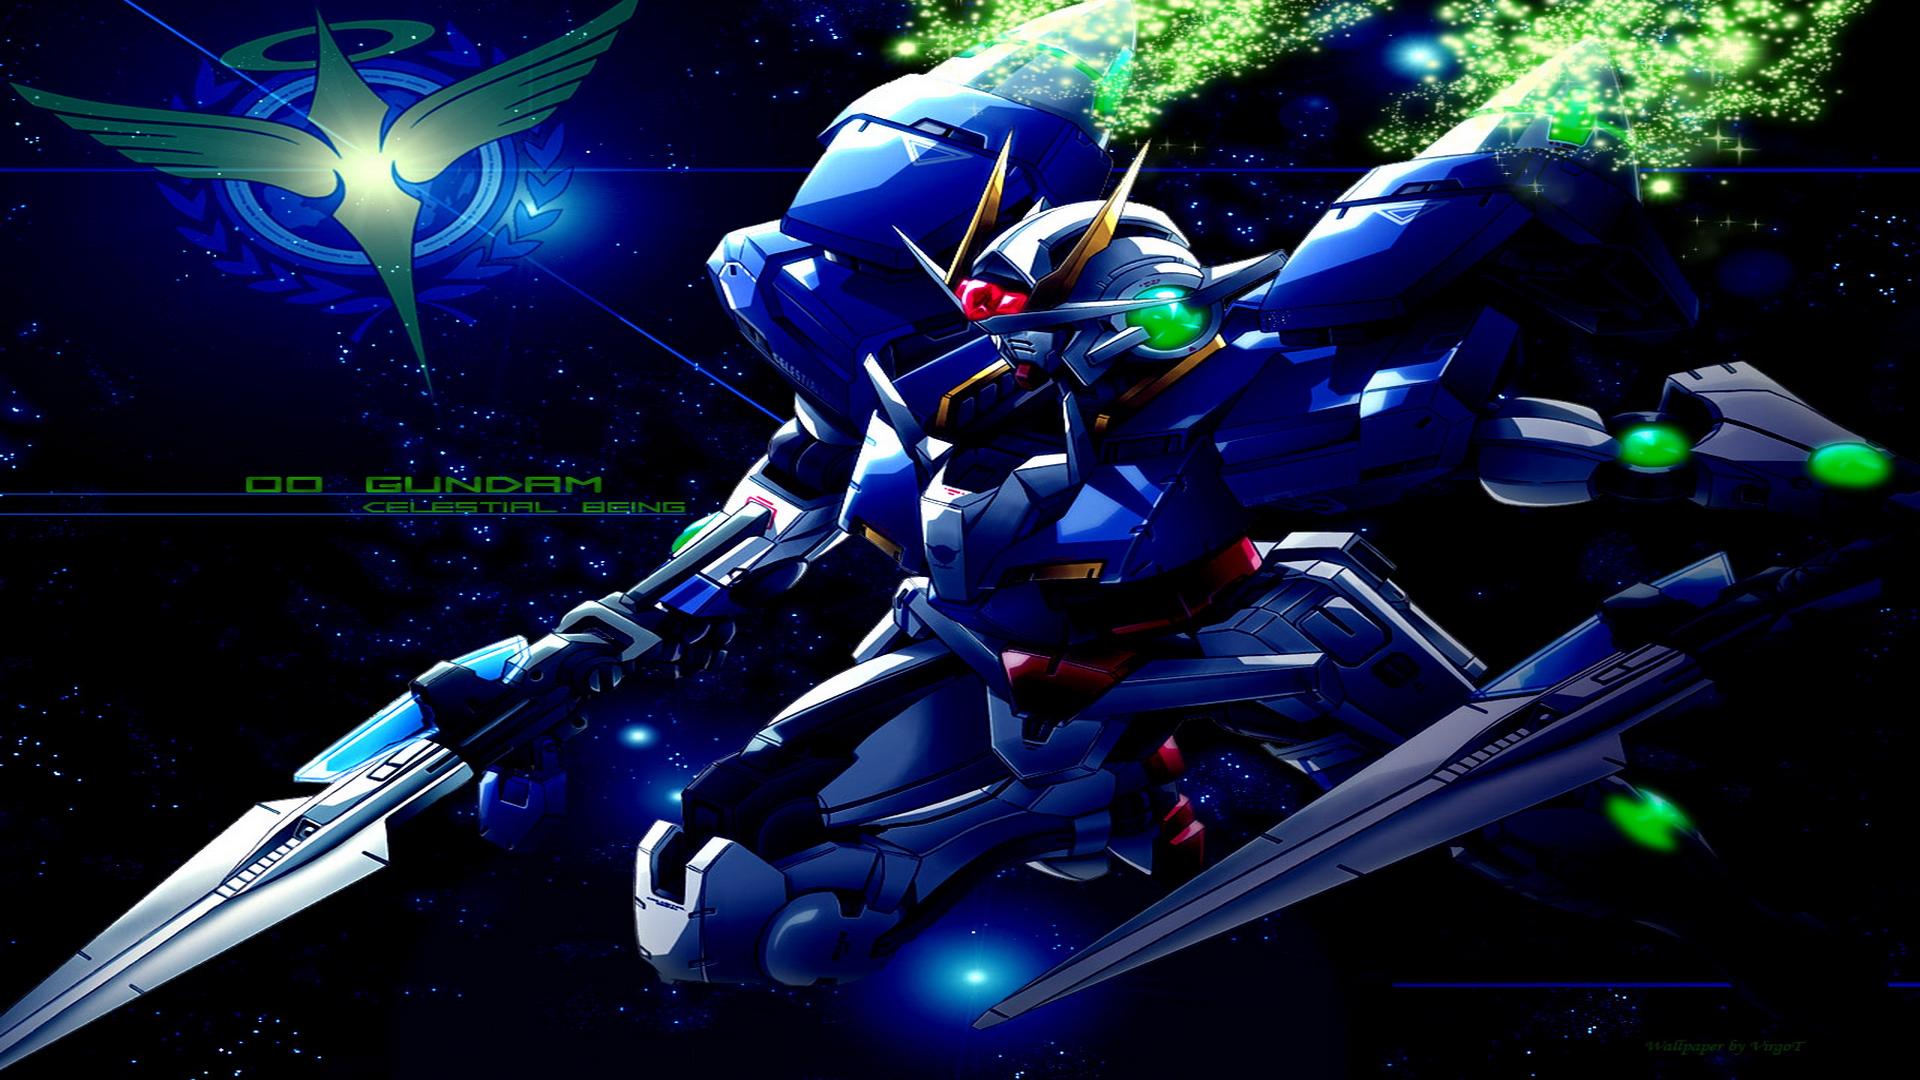 Gundam Wallpapers HD Desktop Wallpapers Gundam Wallpapers 30jpg 1920x1080